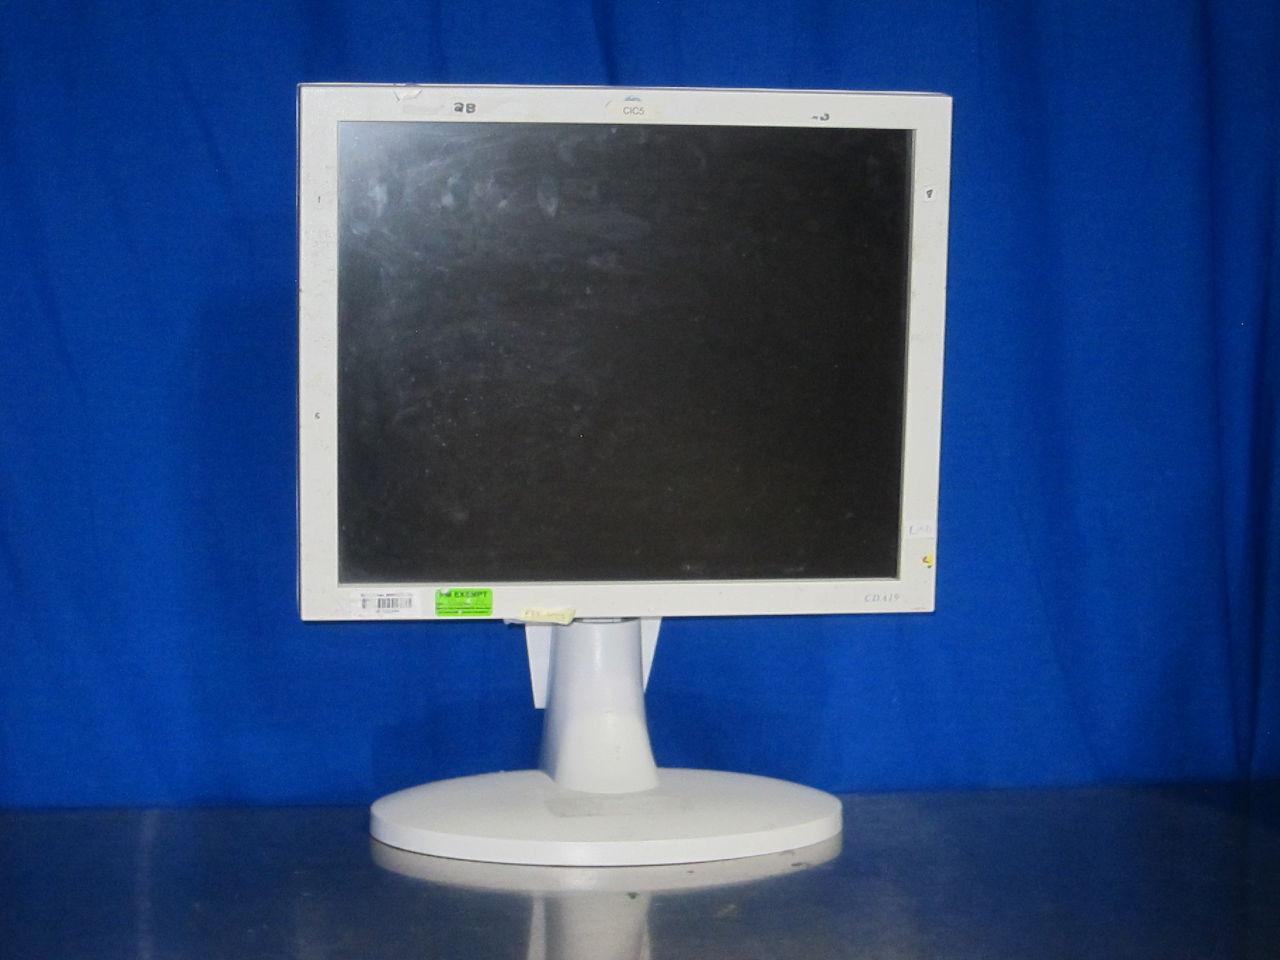 GE CDA 19 Display Monitor